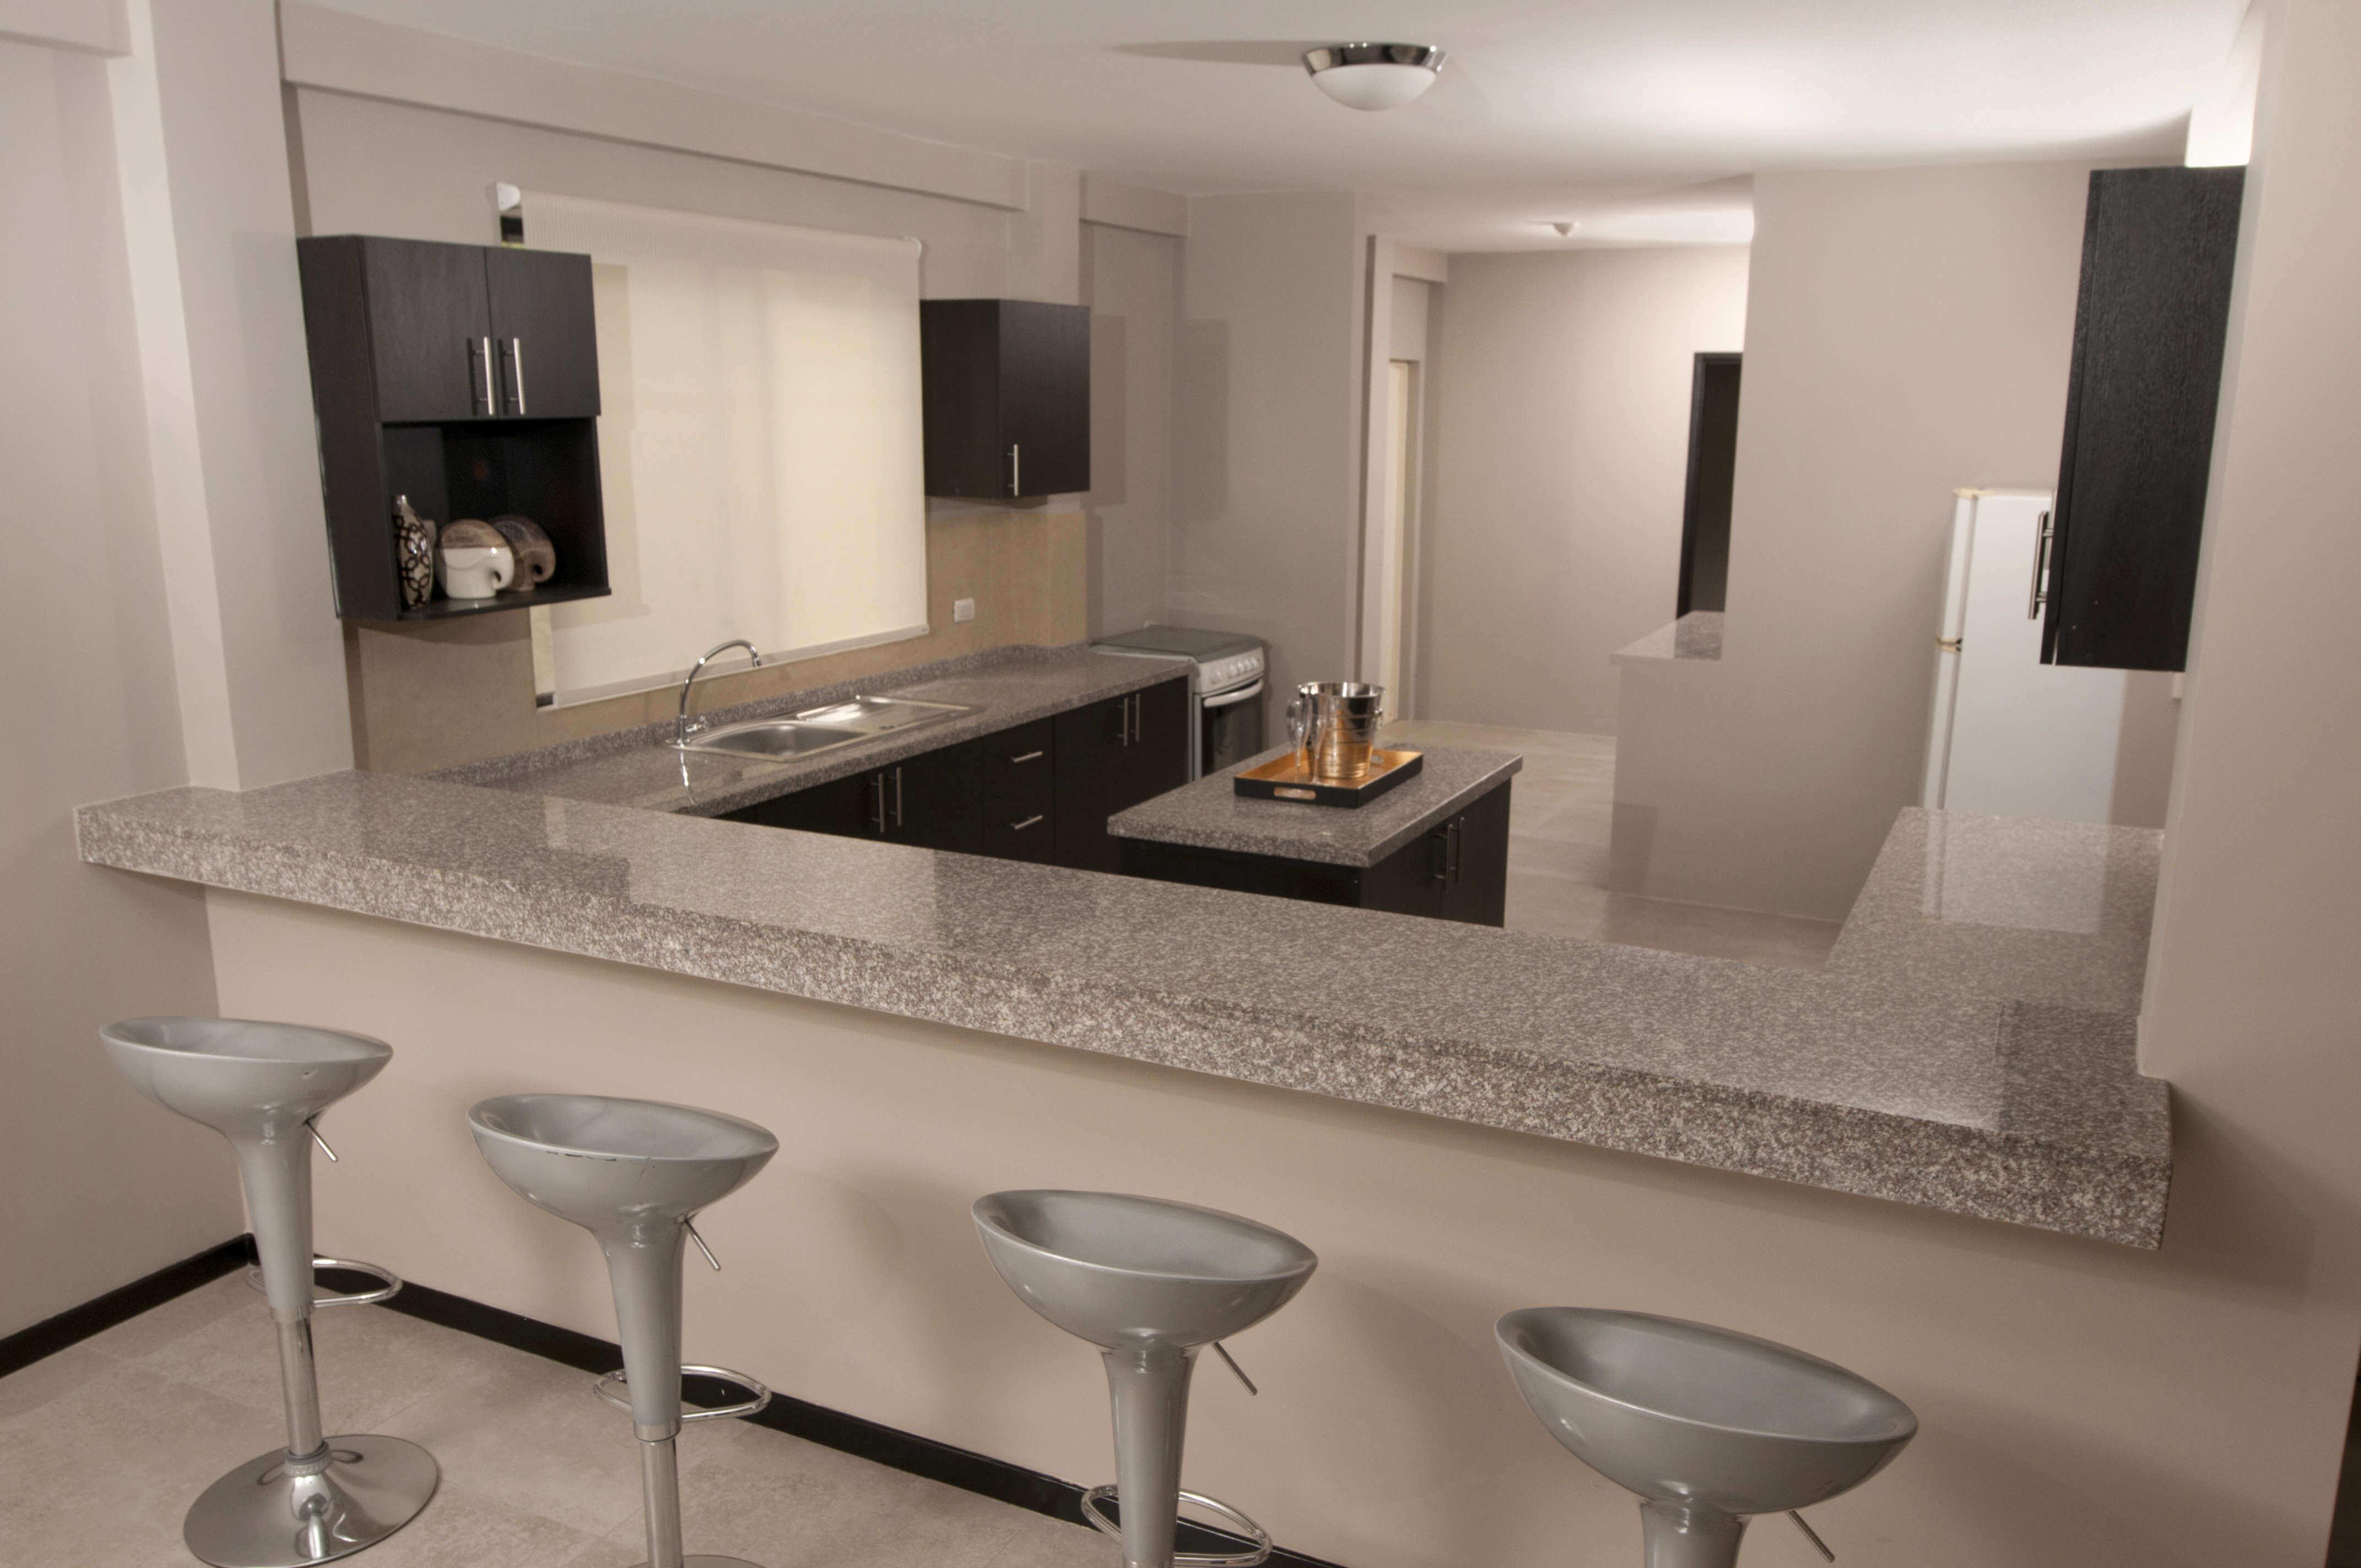 Villa club presenta nuevos acabados villa club venta for Modelos ceramica para pisos cocina